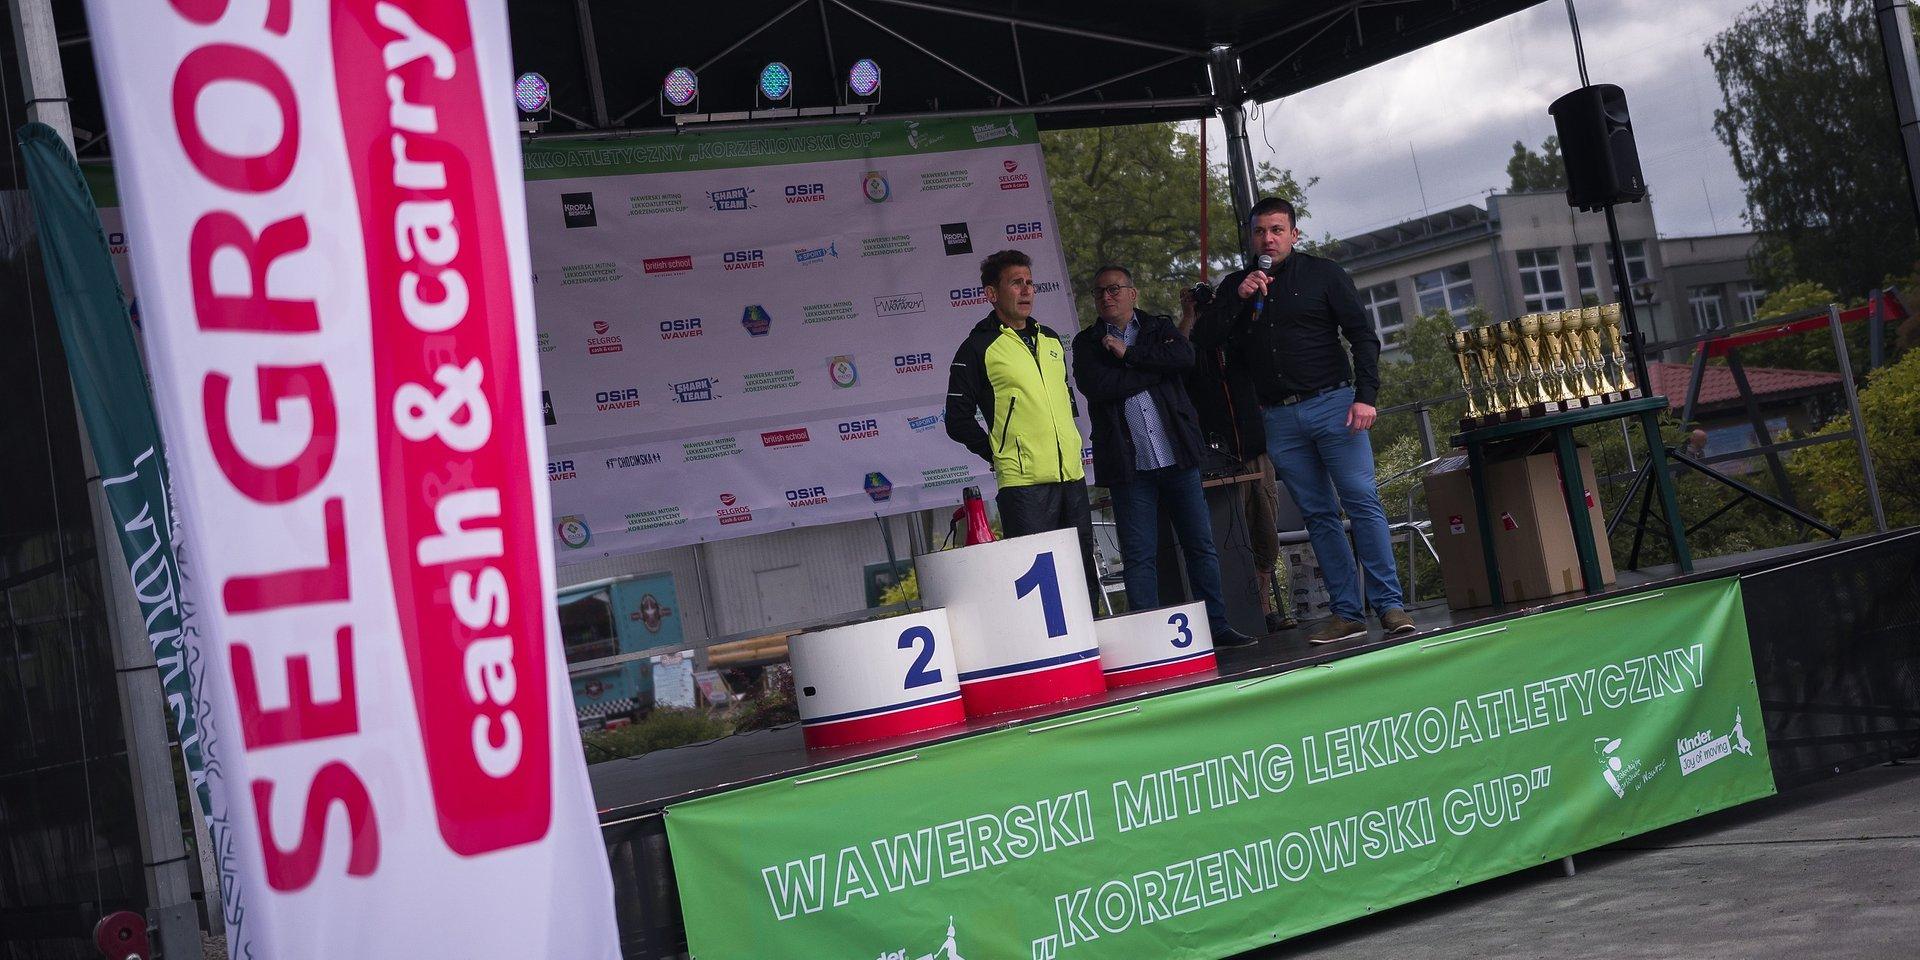 """Selgros Cash & Carry sponsorem Wawerskiego Mitingu Lekkoatletycznego """"Korzeniowski Cup"""""""